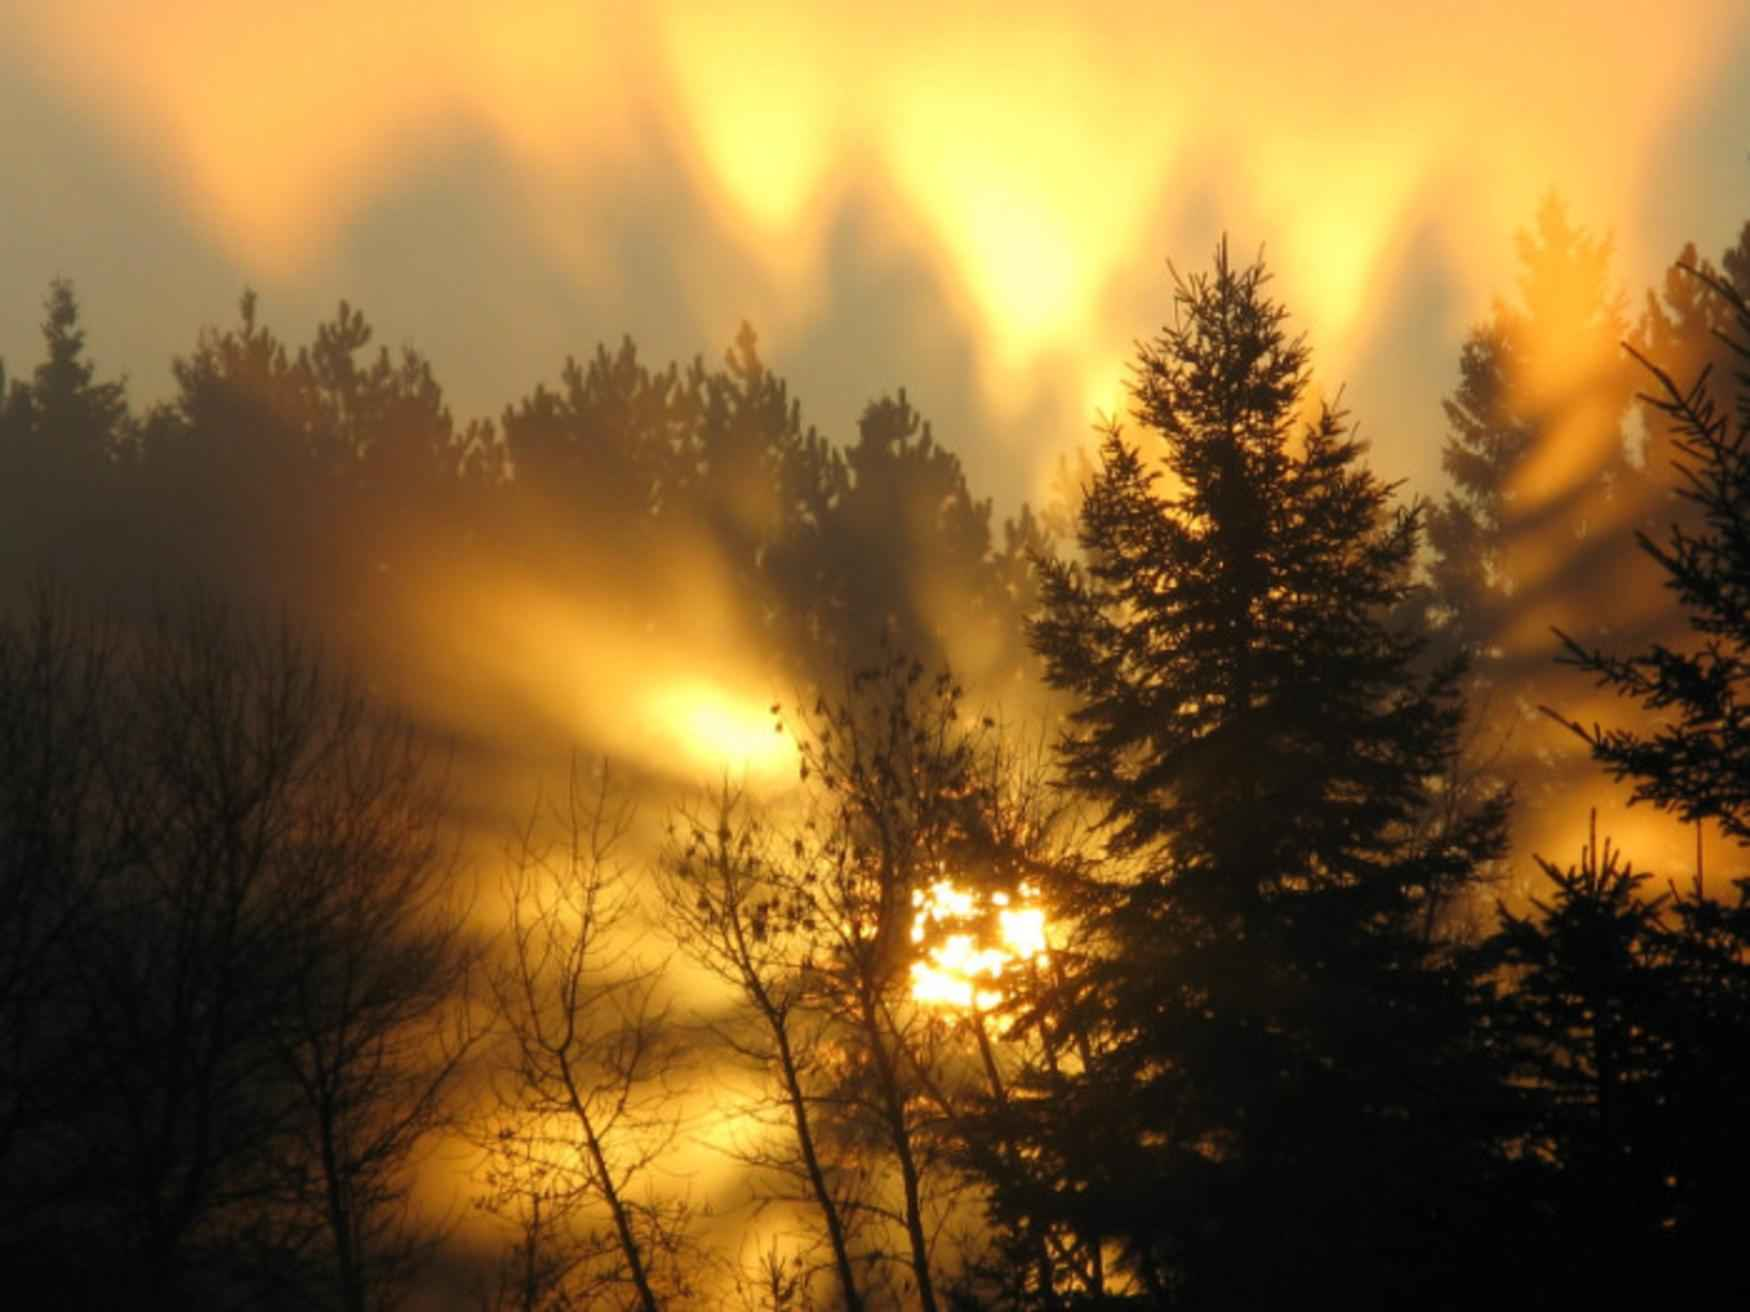 Magnificent_sunrise